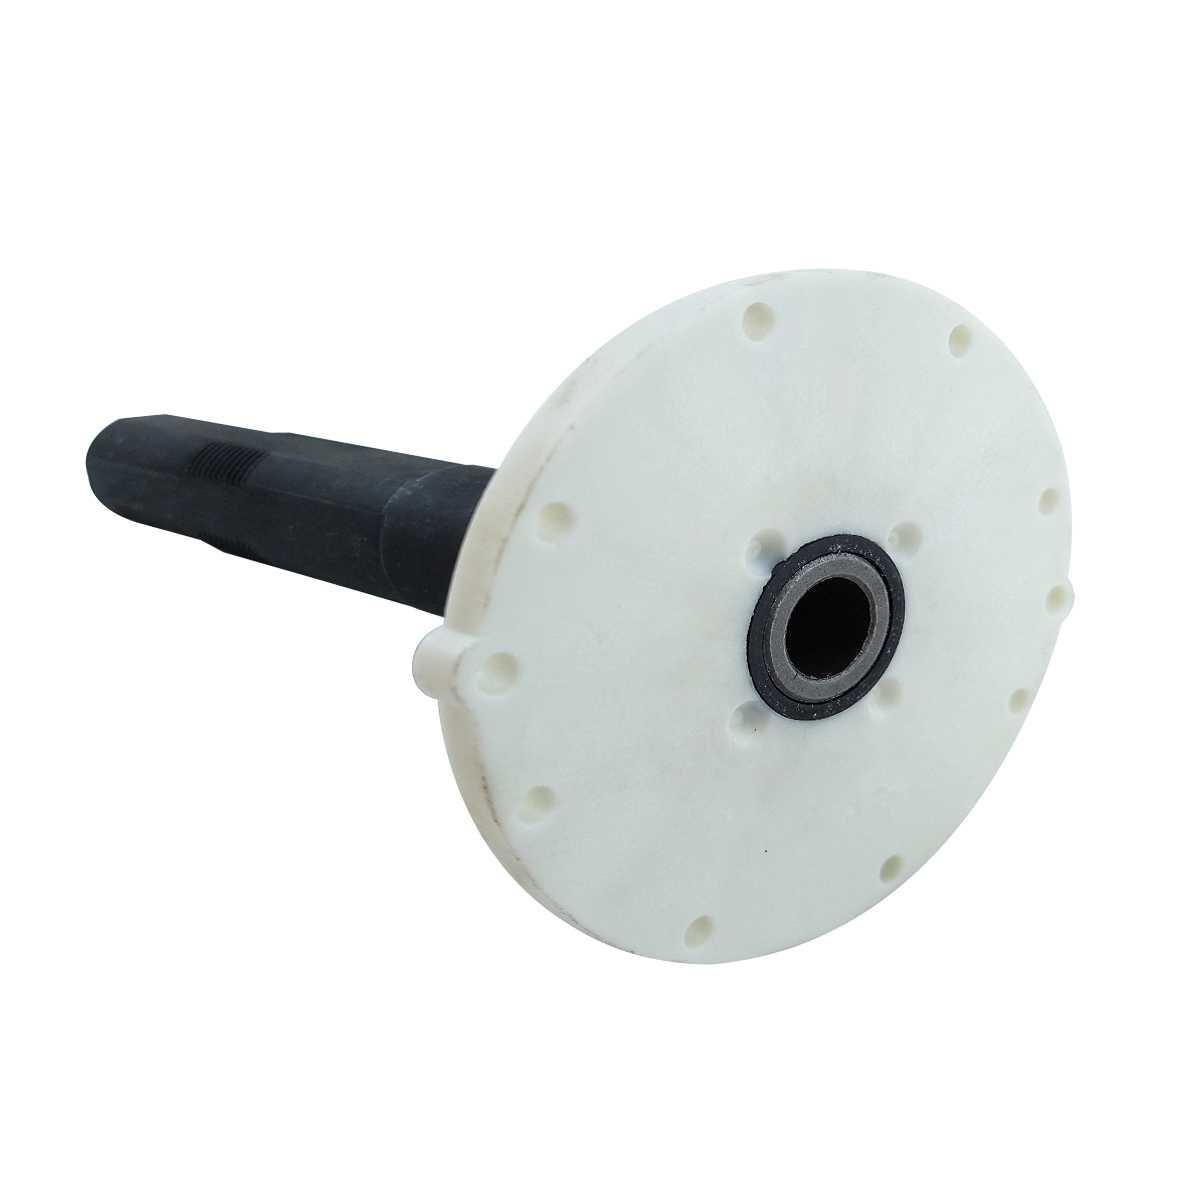 Tubo do mecanismo lavadora Ge e Mabe 15,1kg